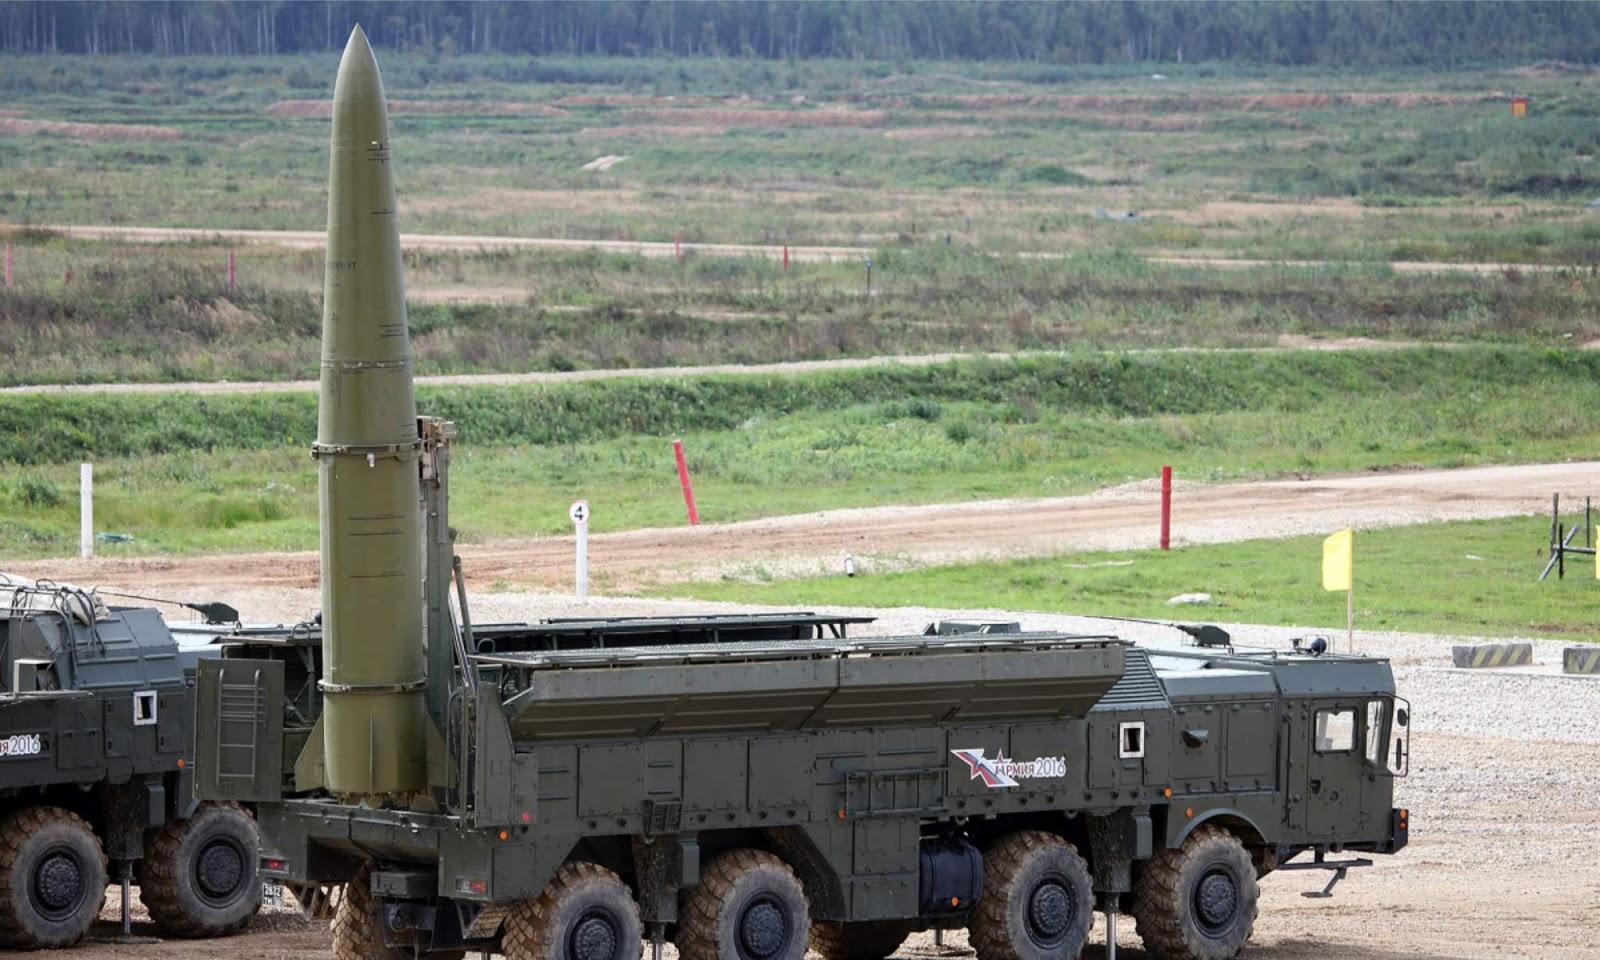 Pentagon memperkirakan Federasi Rusia memiliki sekitar 2 ribu unit hulu ledak nuklir non-strategis